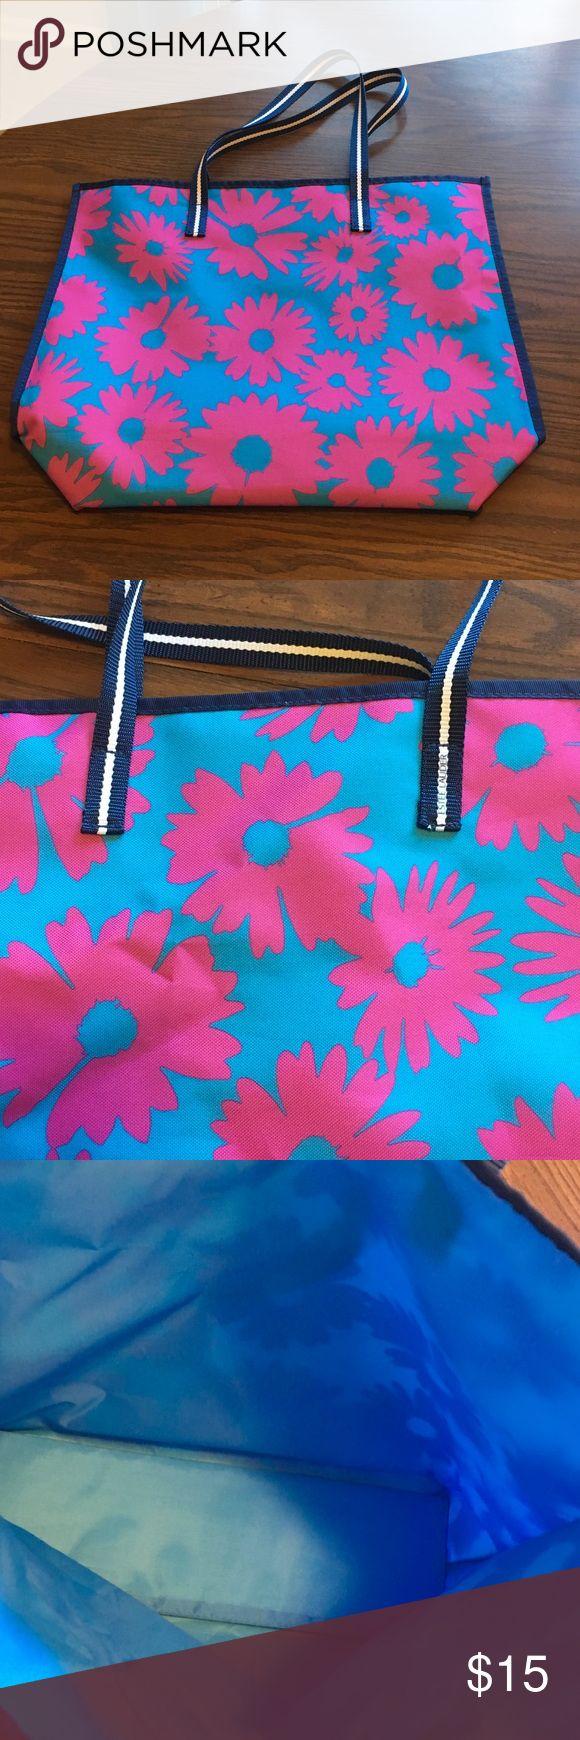 SALE! Estée Lauder Tote Estée Lauder Tote, blue with pink flower design. Brand new! Estee Lauder Makeup